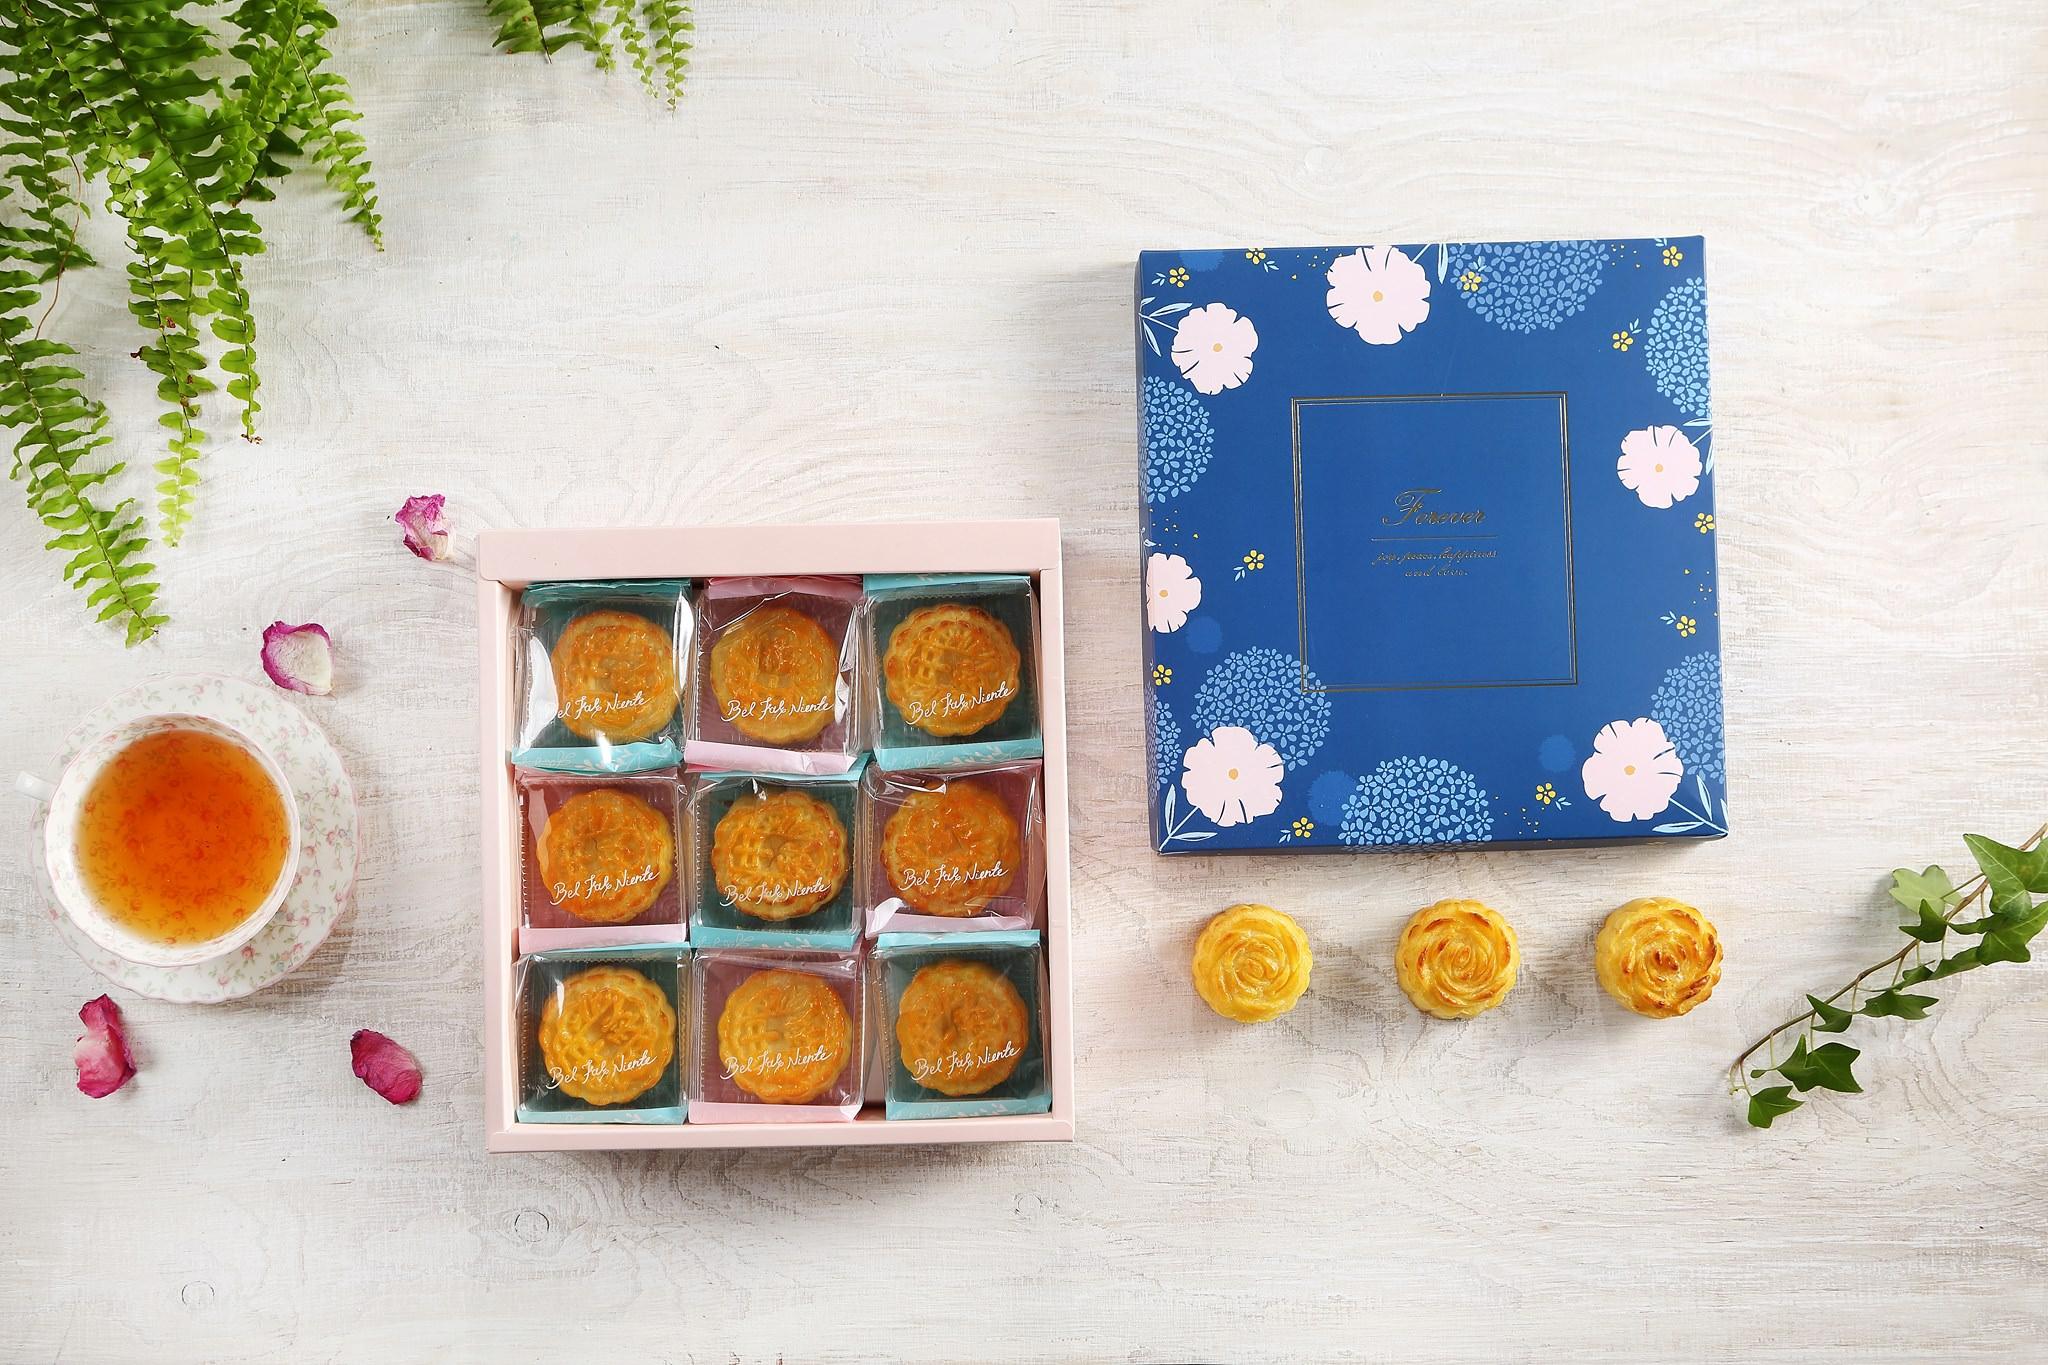 新竹中秋節禮盒推薦《法樂公爵手工坊》!竹北法式手工餅乾、牛軋糖、彌月禮盒、結婚禮盒、團購宅配推薦